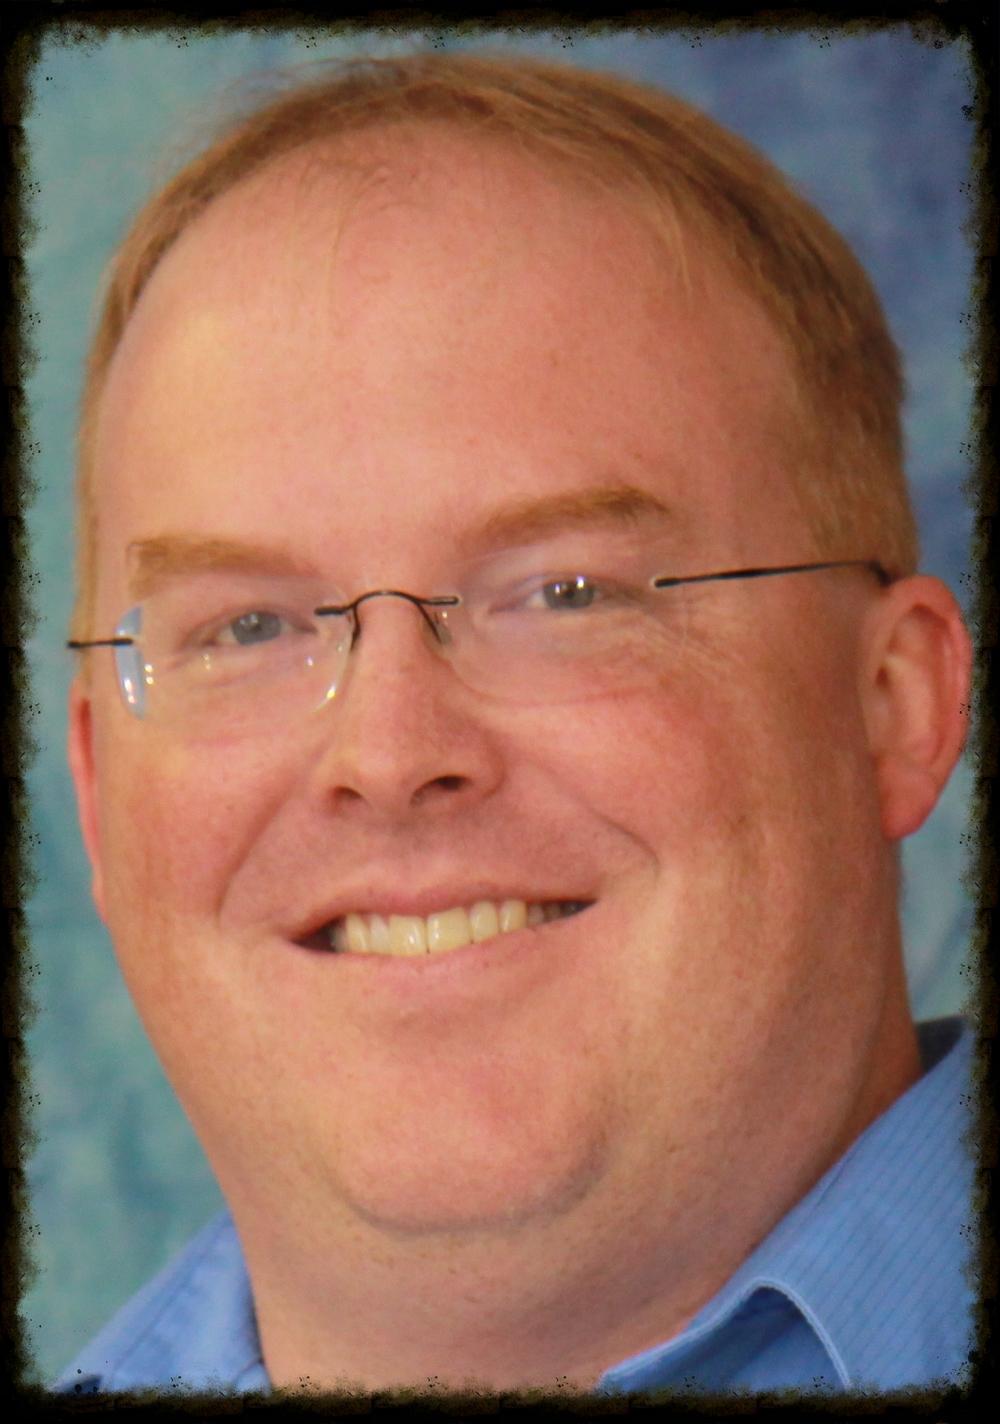 Andrew Face 2.JPG